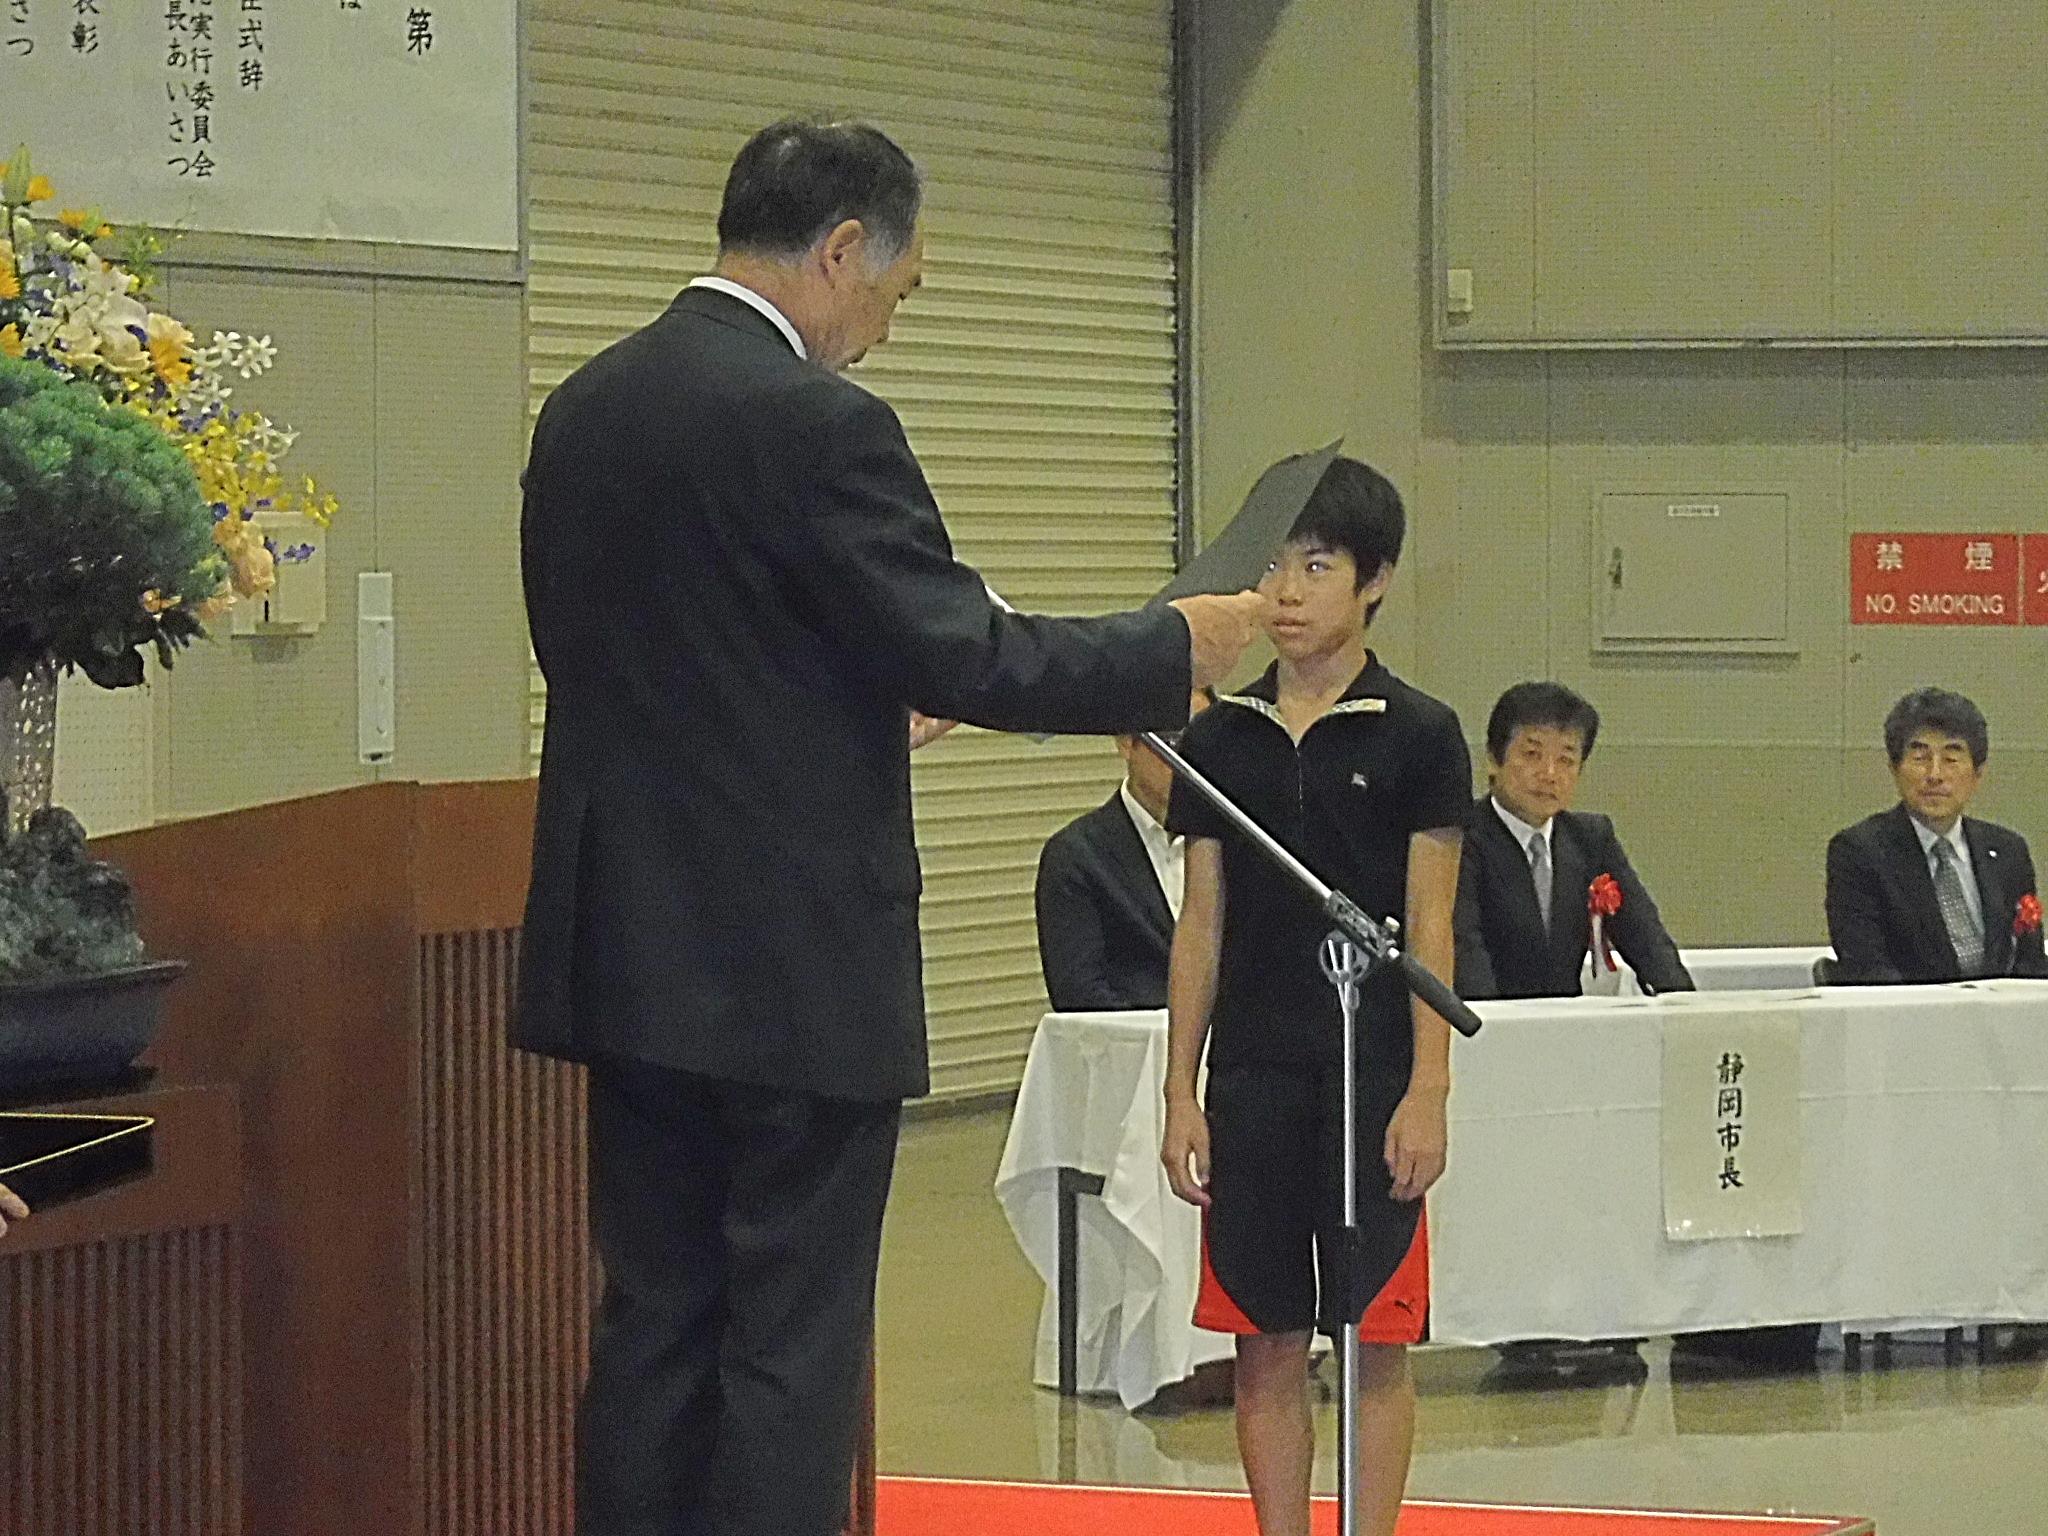 サバンナ港賞:五泉・ジョージア州港湾局(USA)元日本代表部顧問から授与